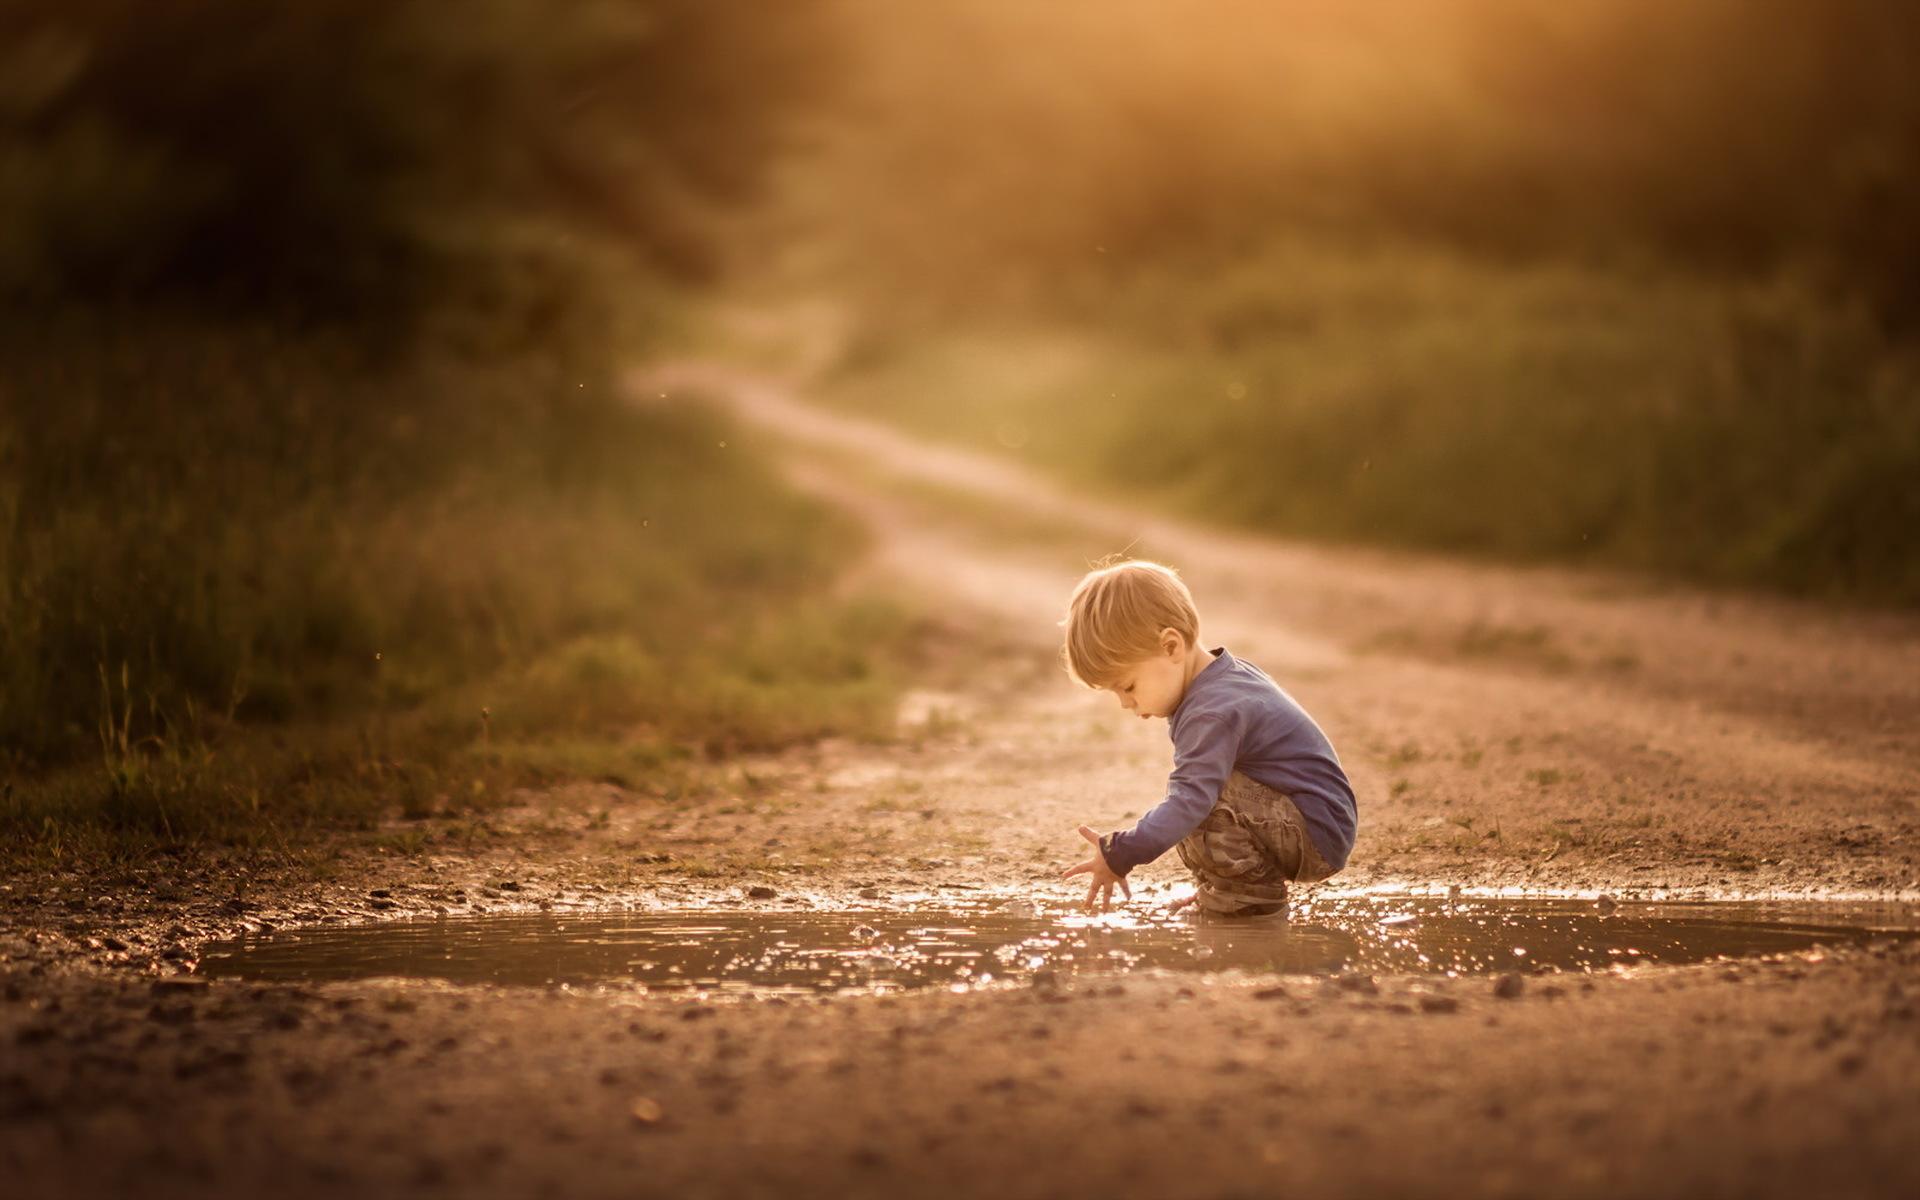 доски бесплатных к чему сниться переходить дорогу с ребенком Индекс Россия